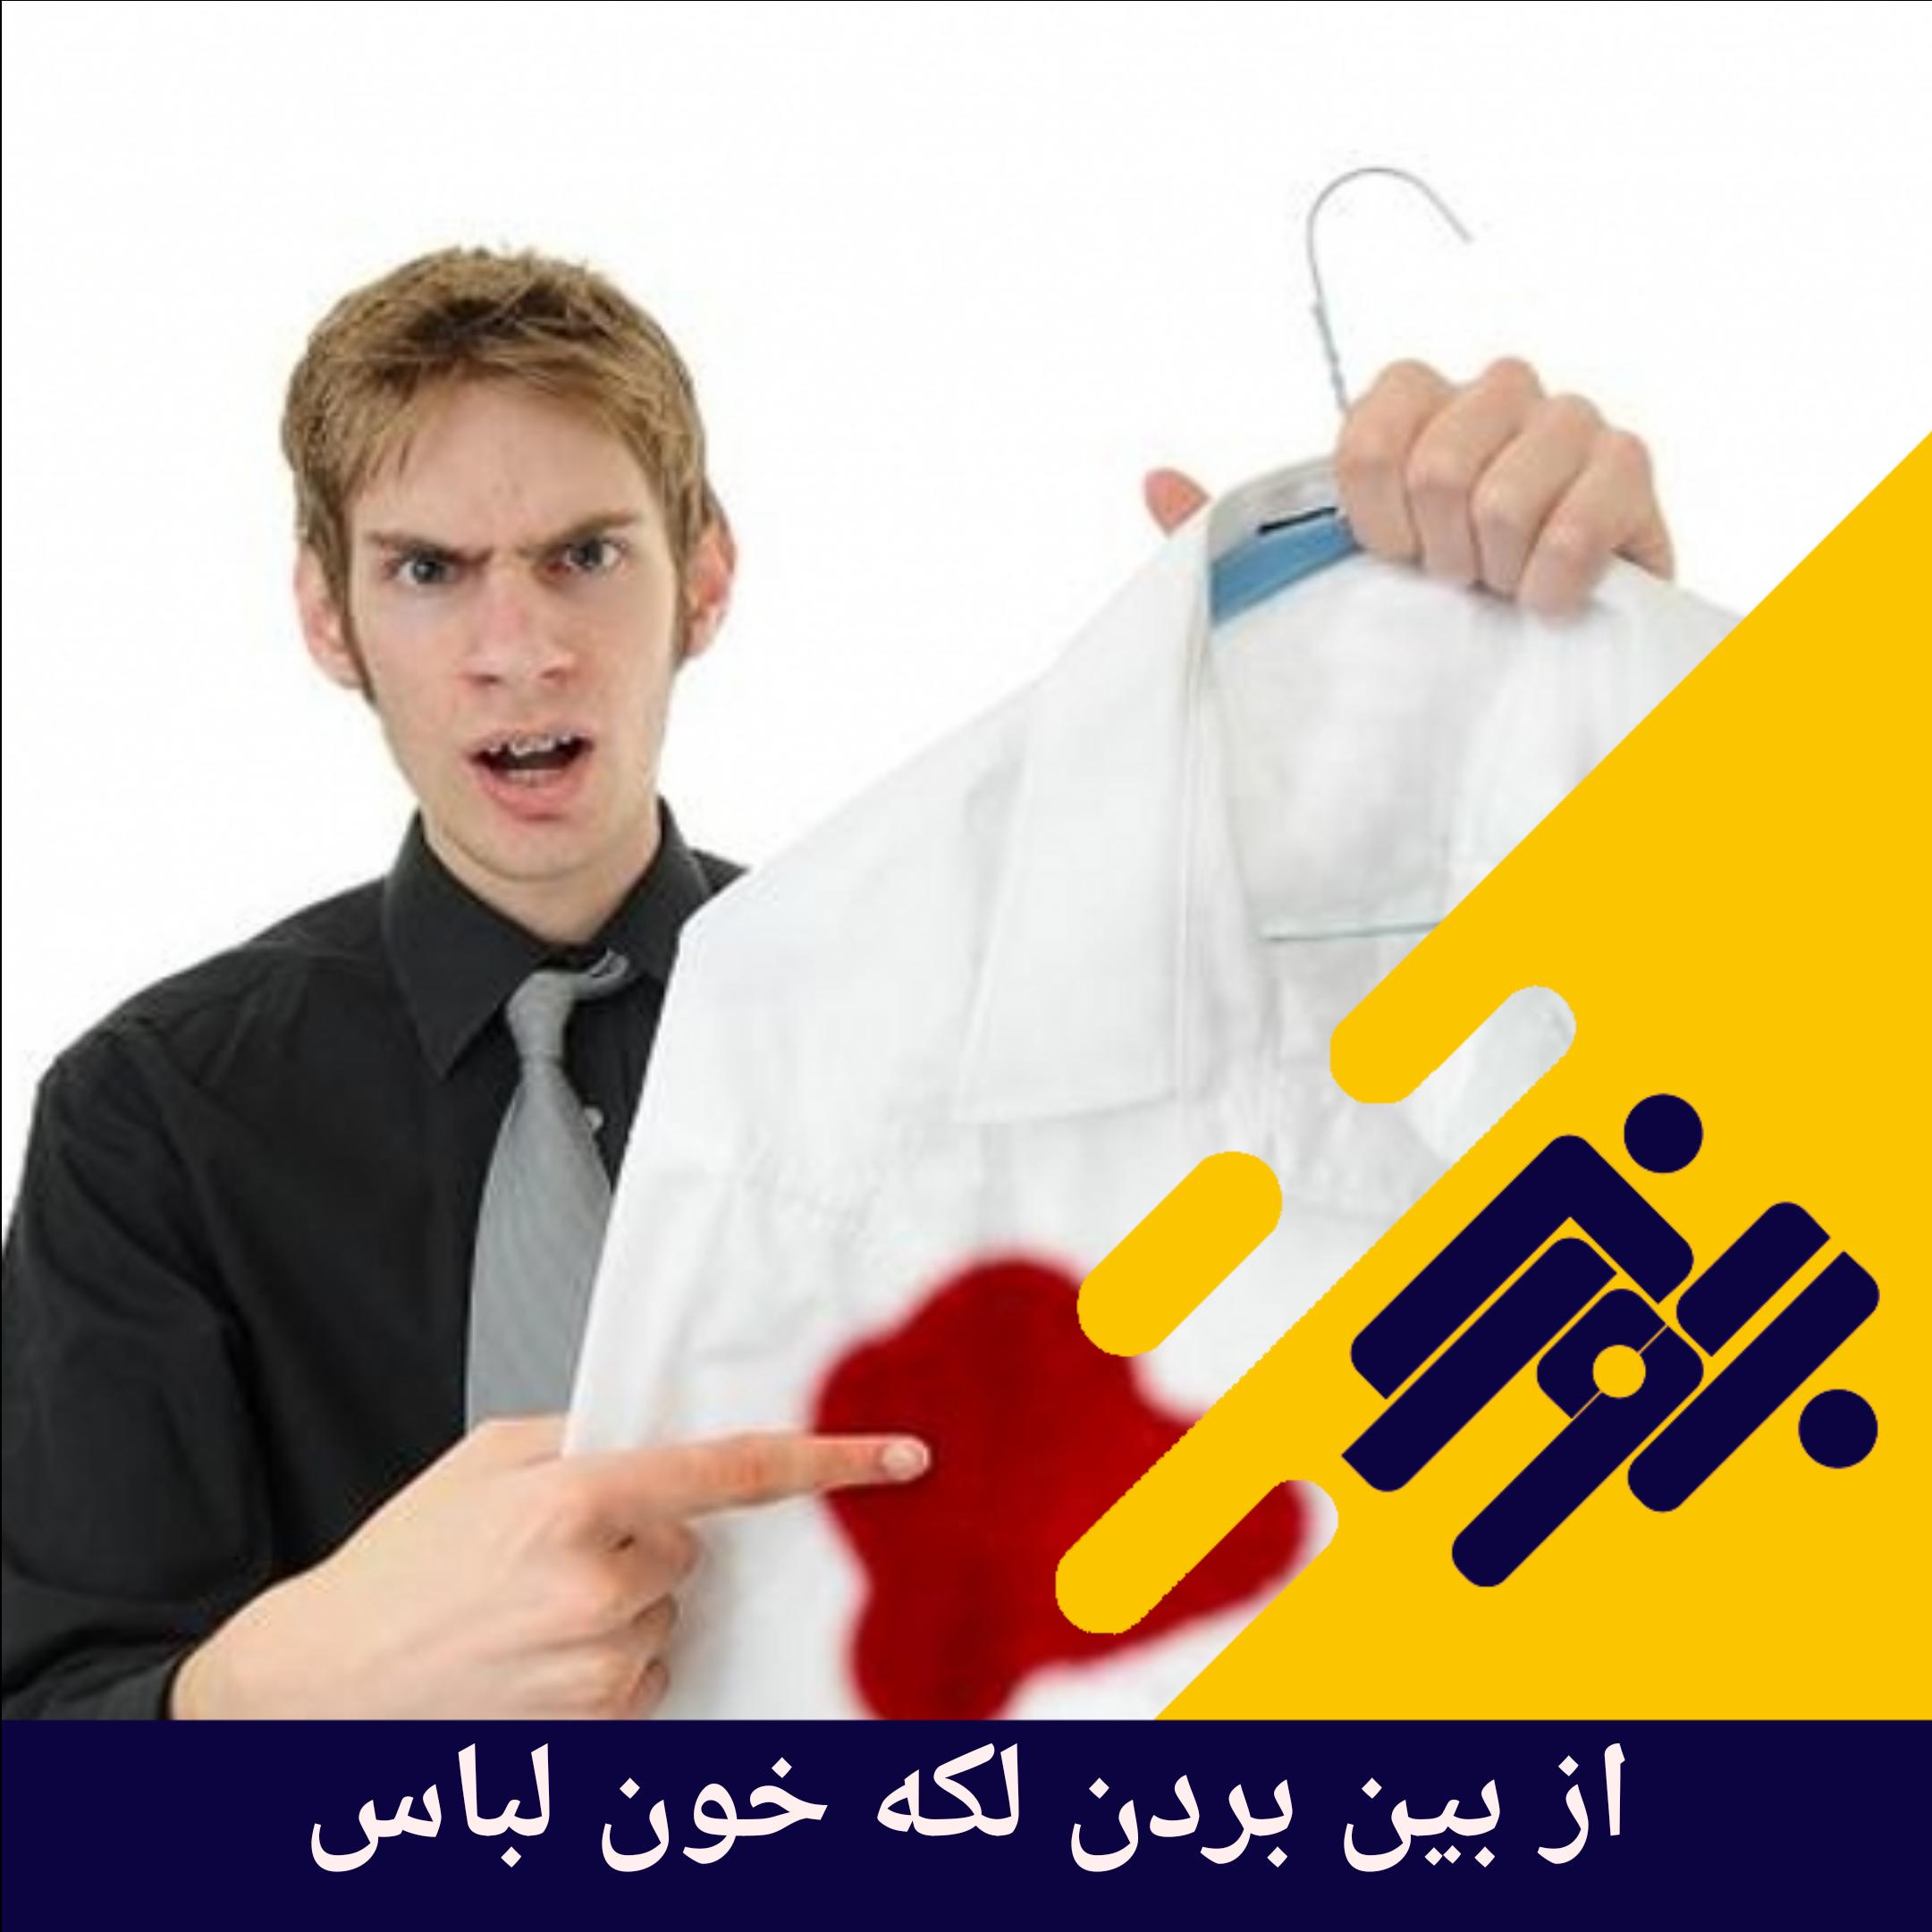 از بین بردن لکه خون لباس